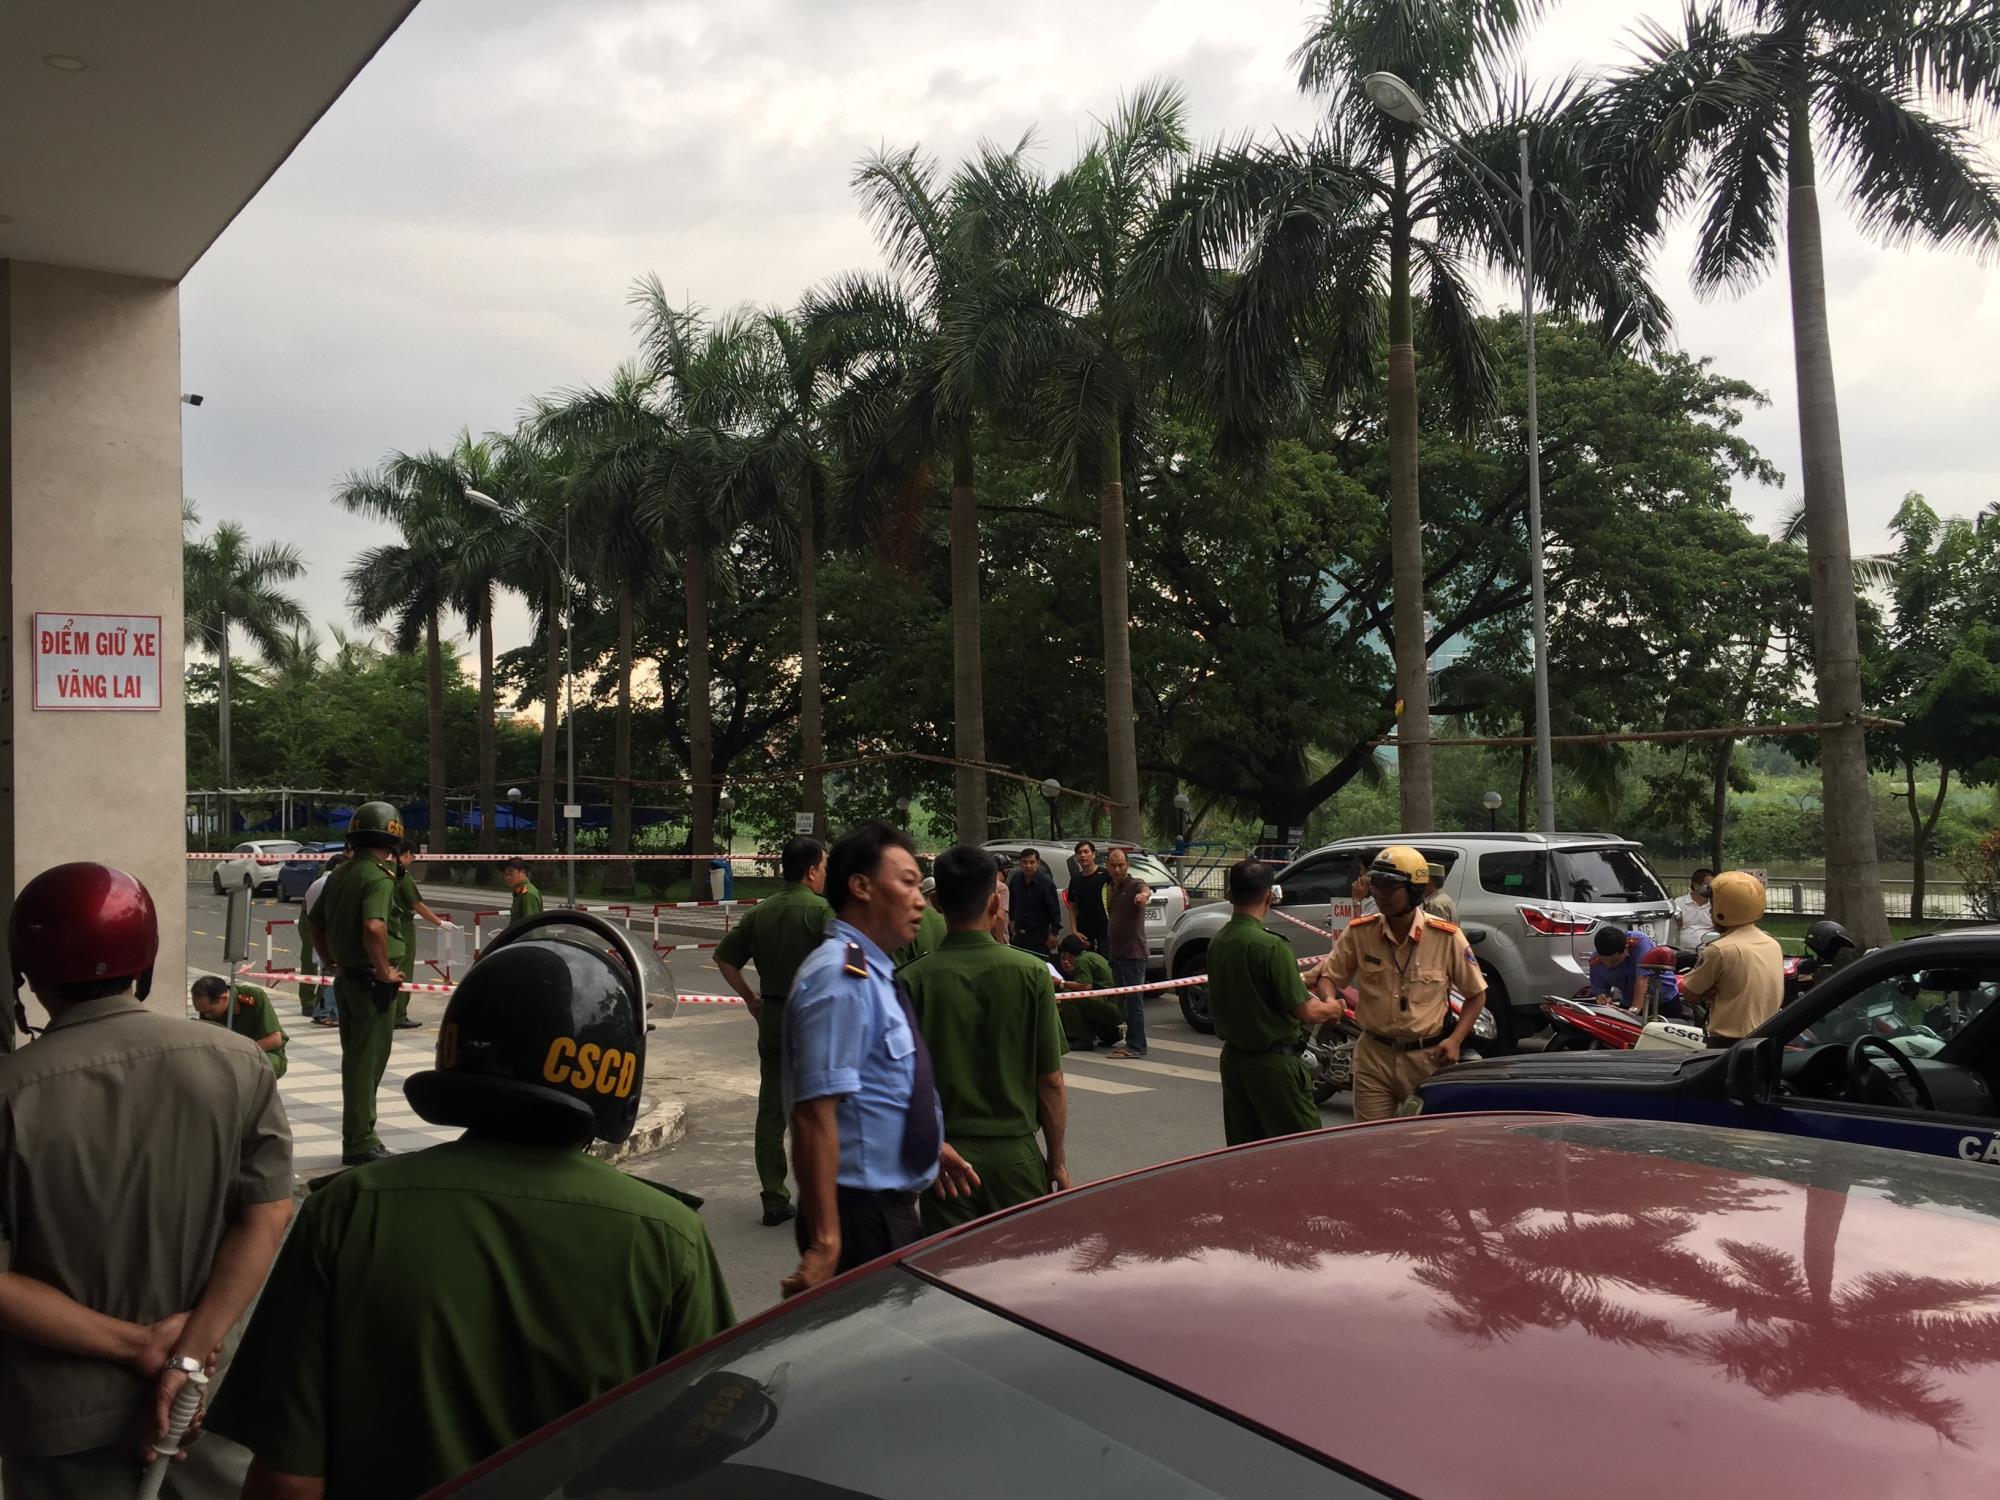 Một quản lý chung cư ở Sài Gòn bị đâm chết nghi mâu thuẫn tình cảm - Ảnh 1